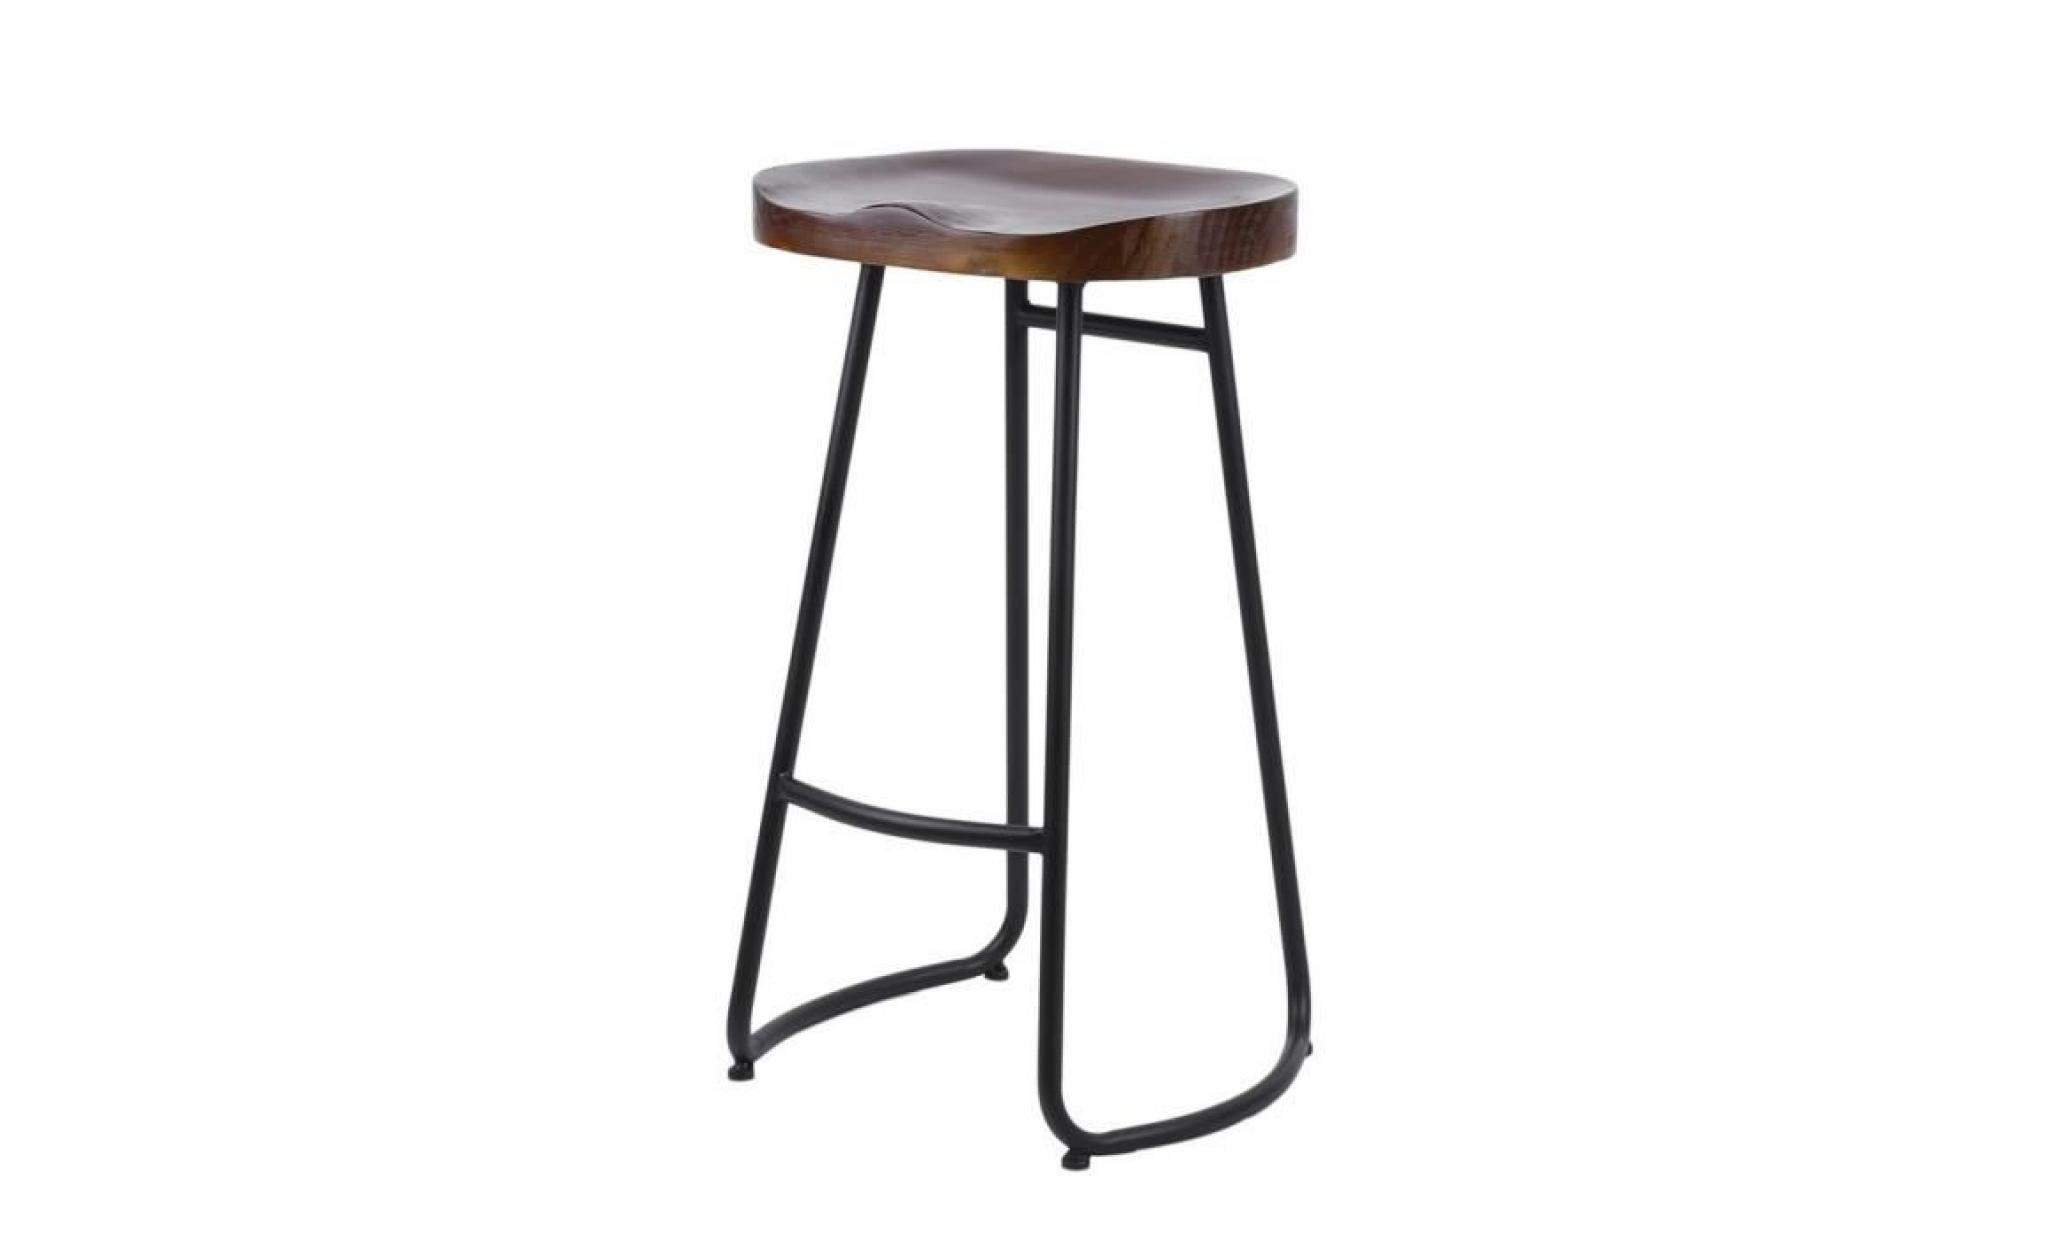 tabouret de bar industriel réglable en bois 72cm  achat